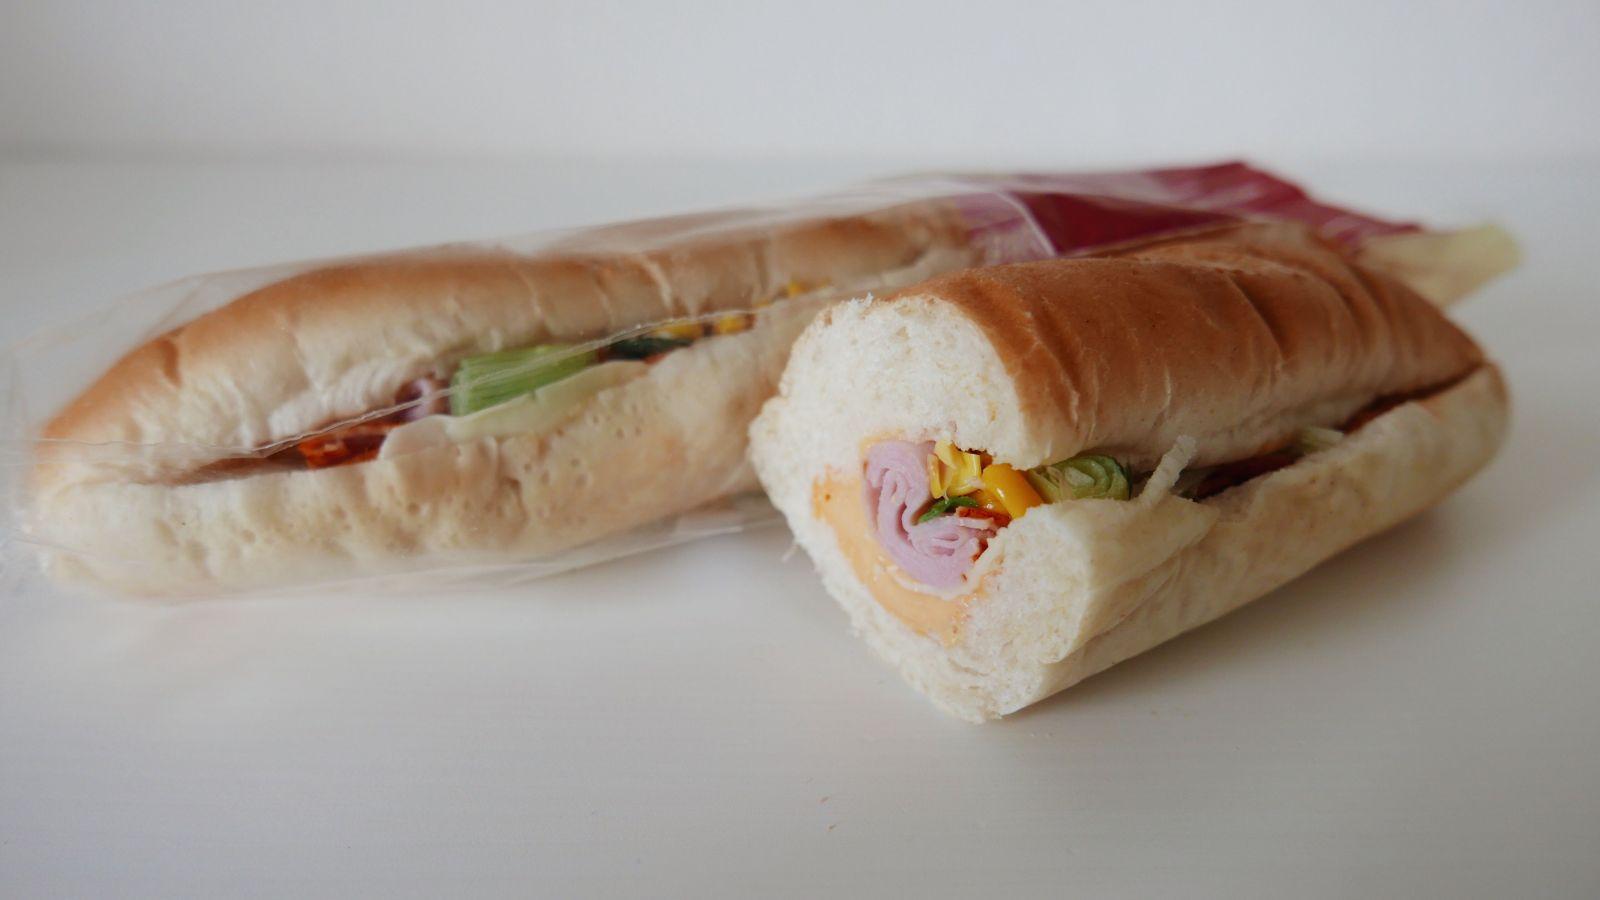 Testovali sme obložené bagety: Ako obstála Pierre Baguette a ktorá chutí ako tuniak?